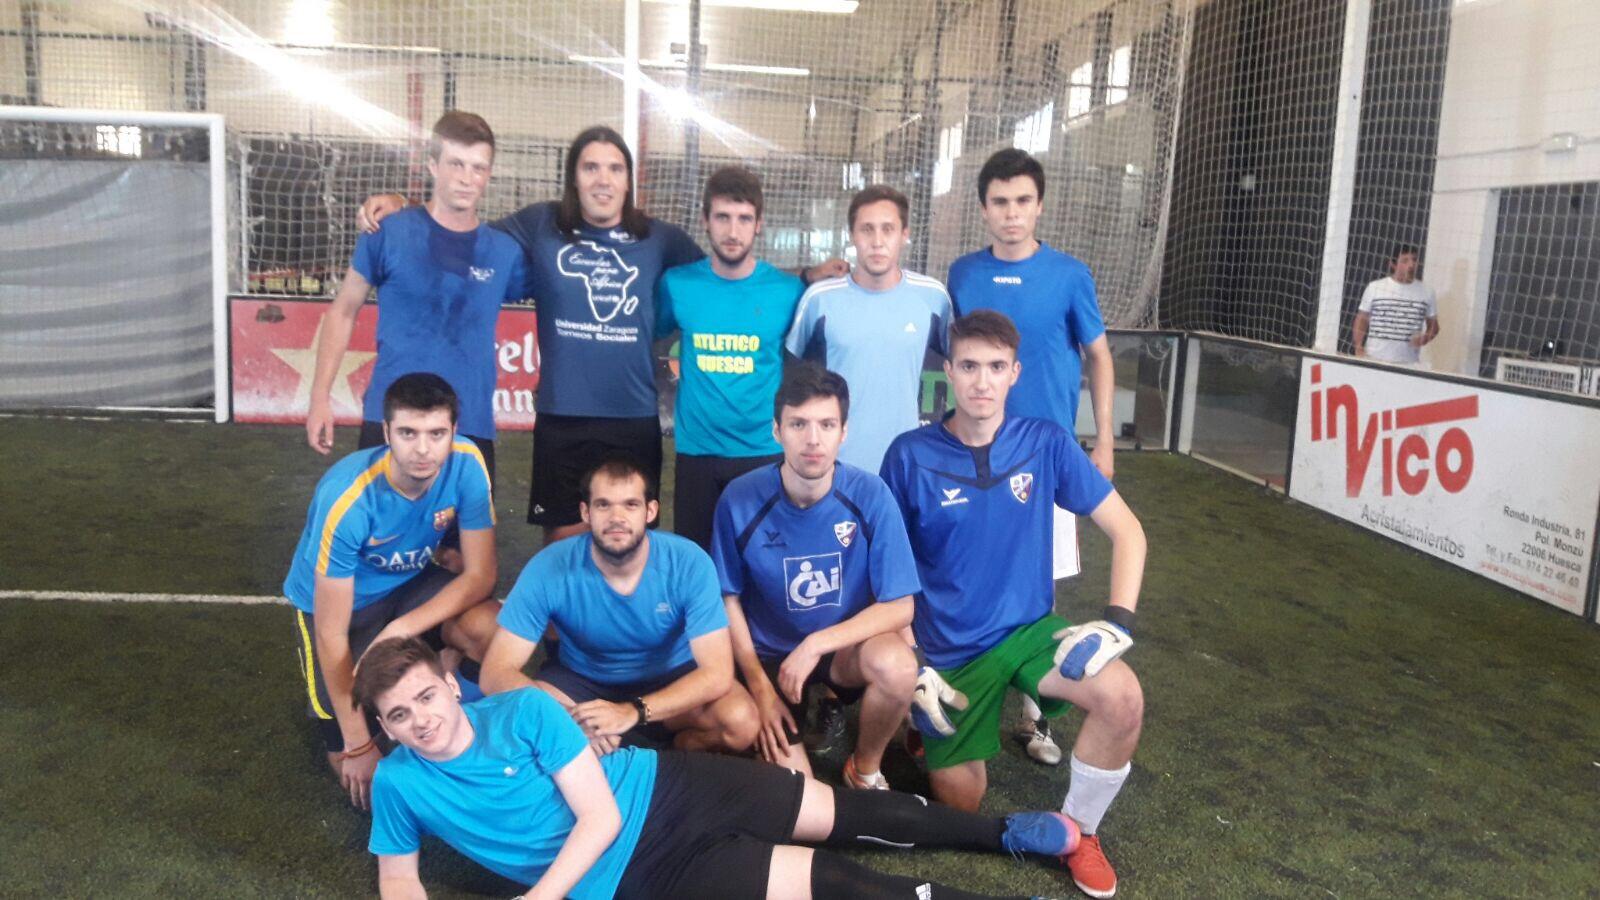 Campeonato de Aragon de Futbol Indoor en Huesca